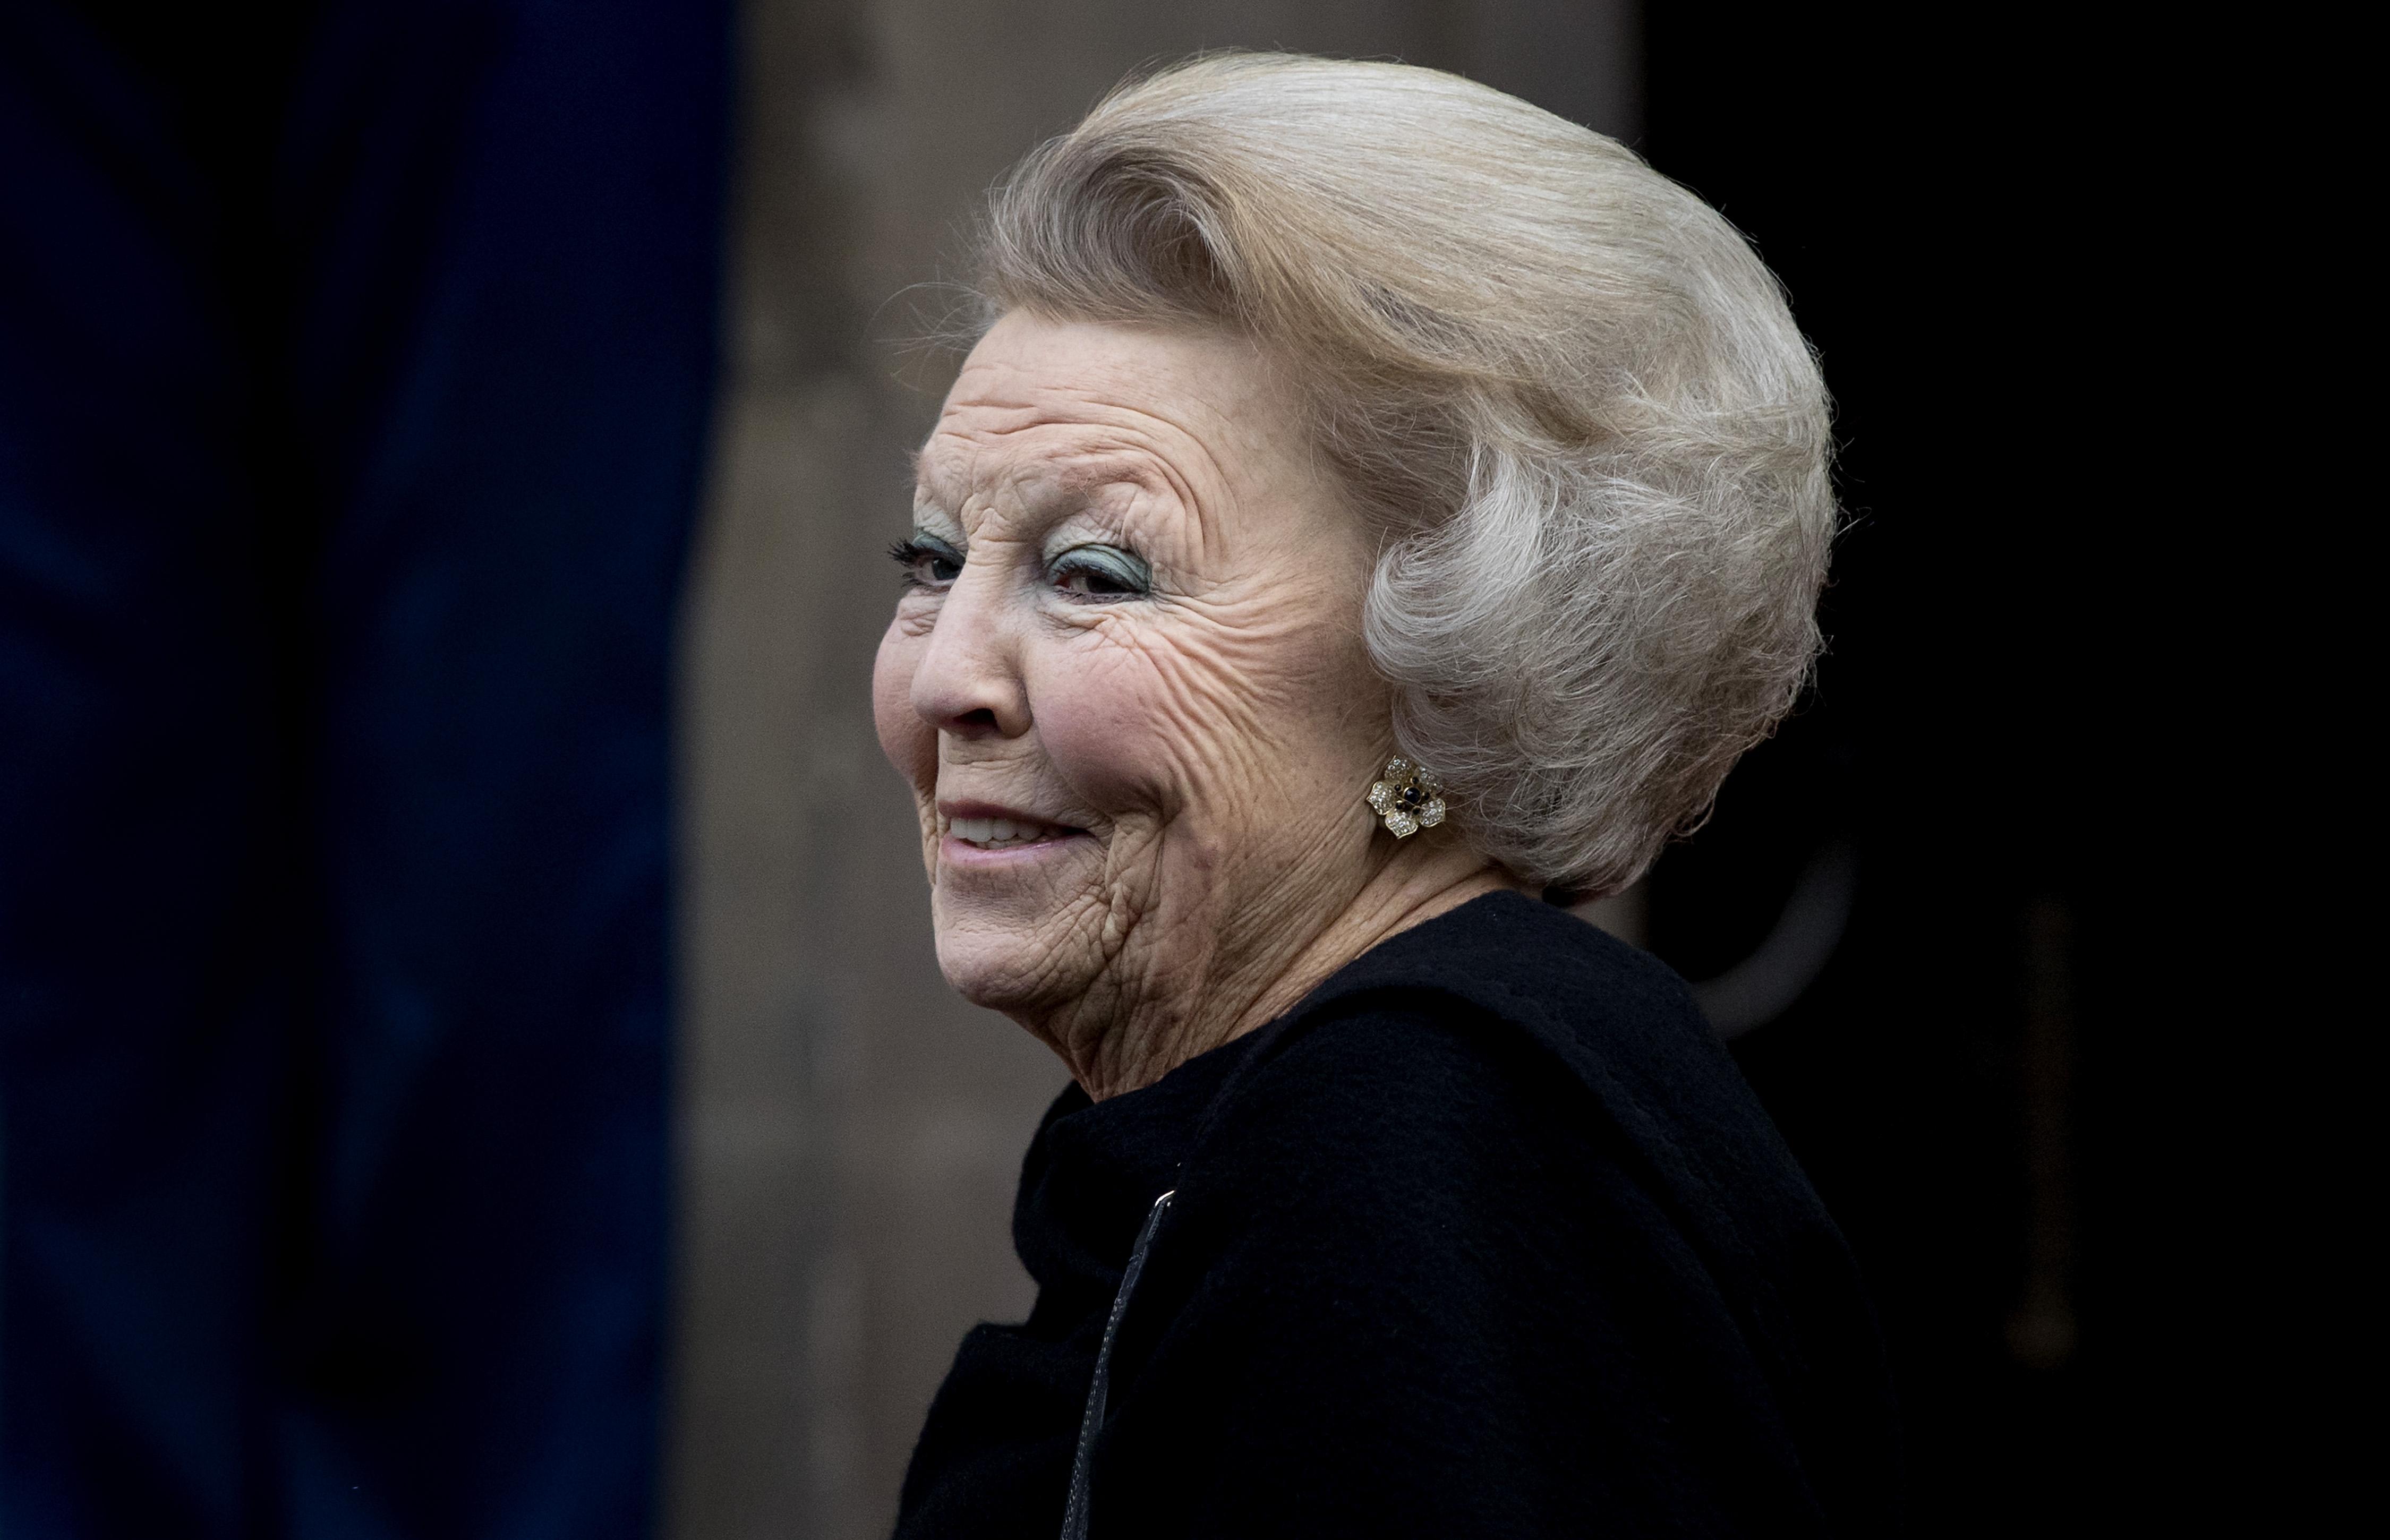 Ter ere van haar 79e verjaardag: dit zijn de leukste tweets van prinses Beatrix